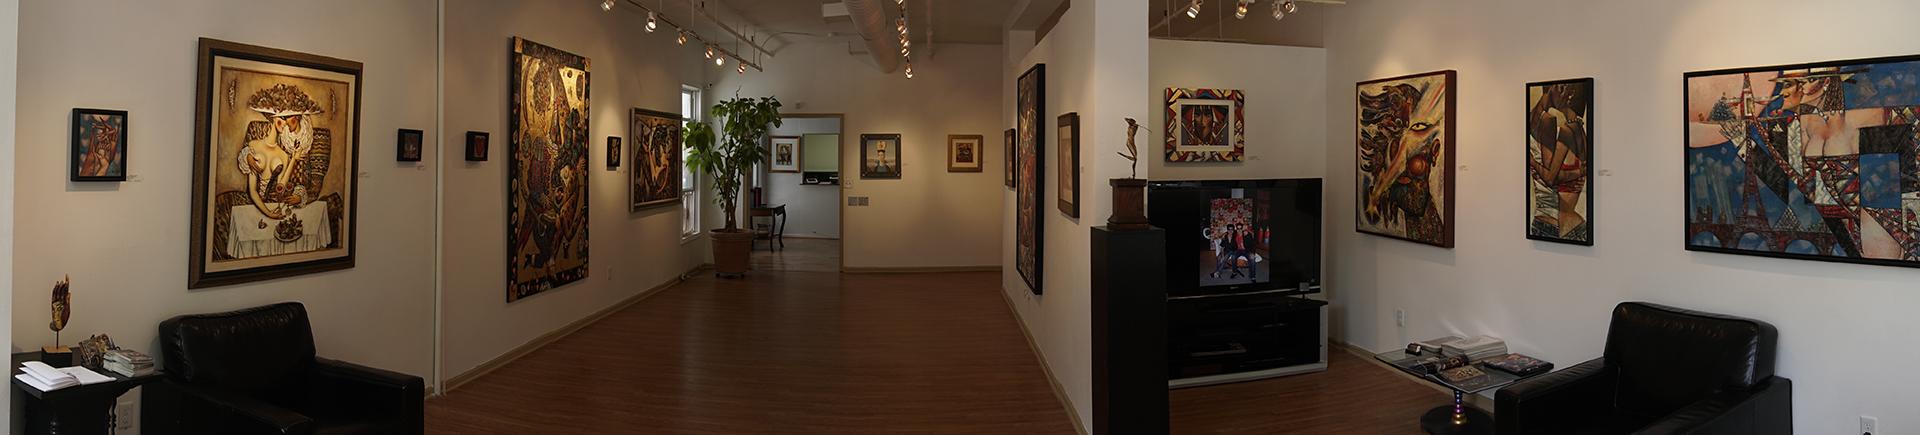 Andrei Art Gallery Interior.jpg